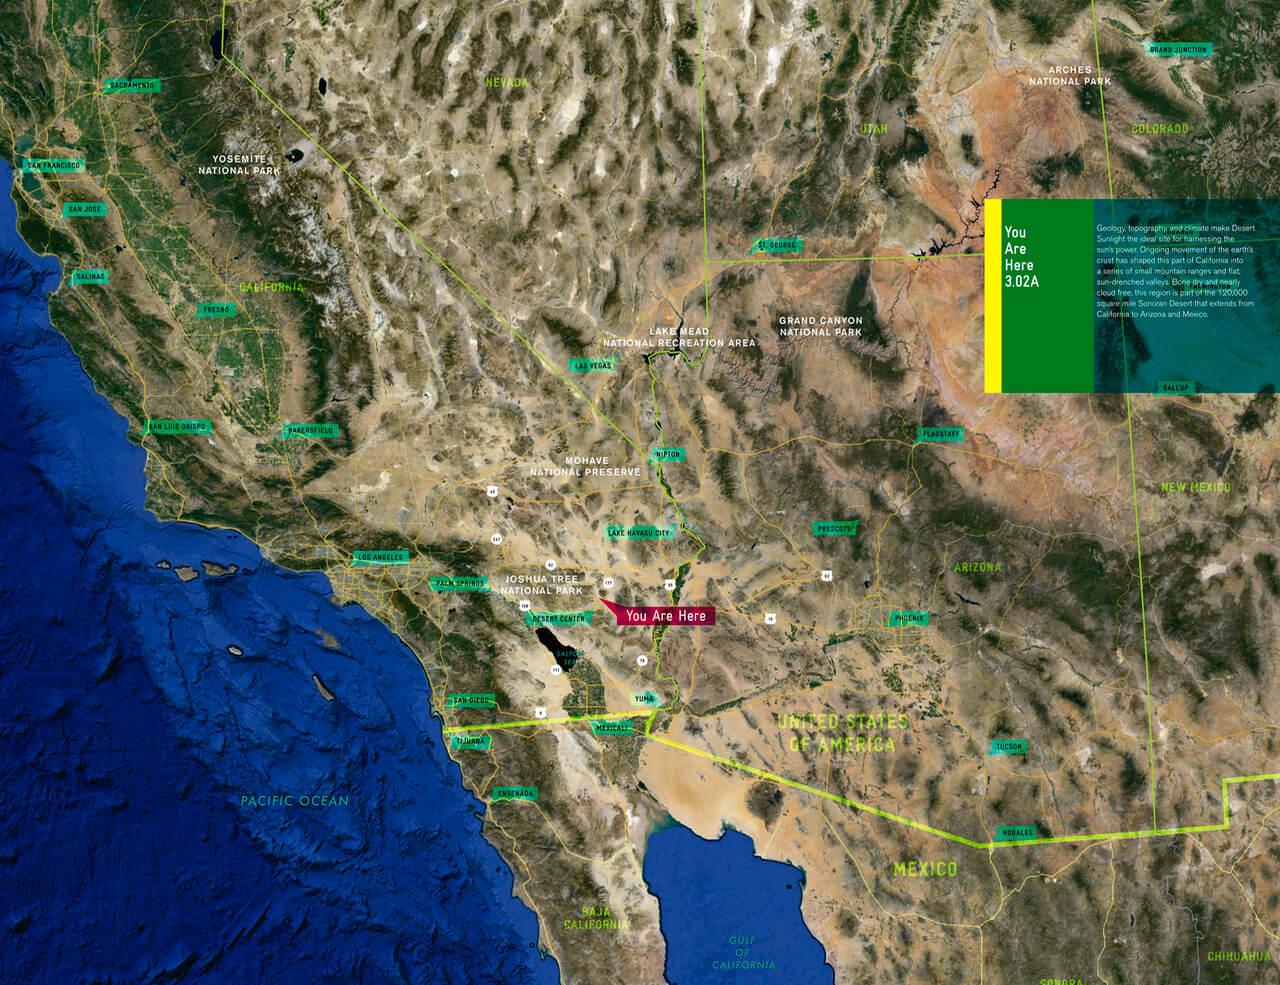 7-Desert-Sunlight-Visitor-Center-The Sibbett Group-Aerial Map-Public Design.jpg